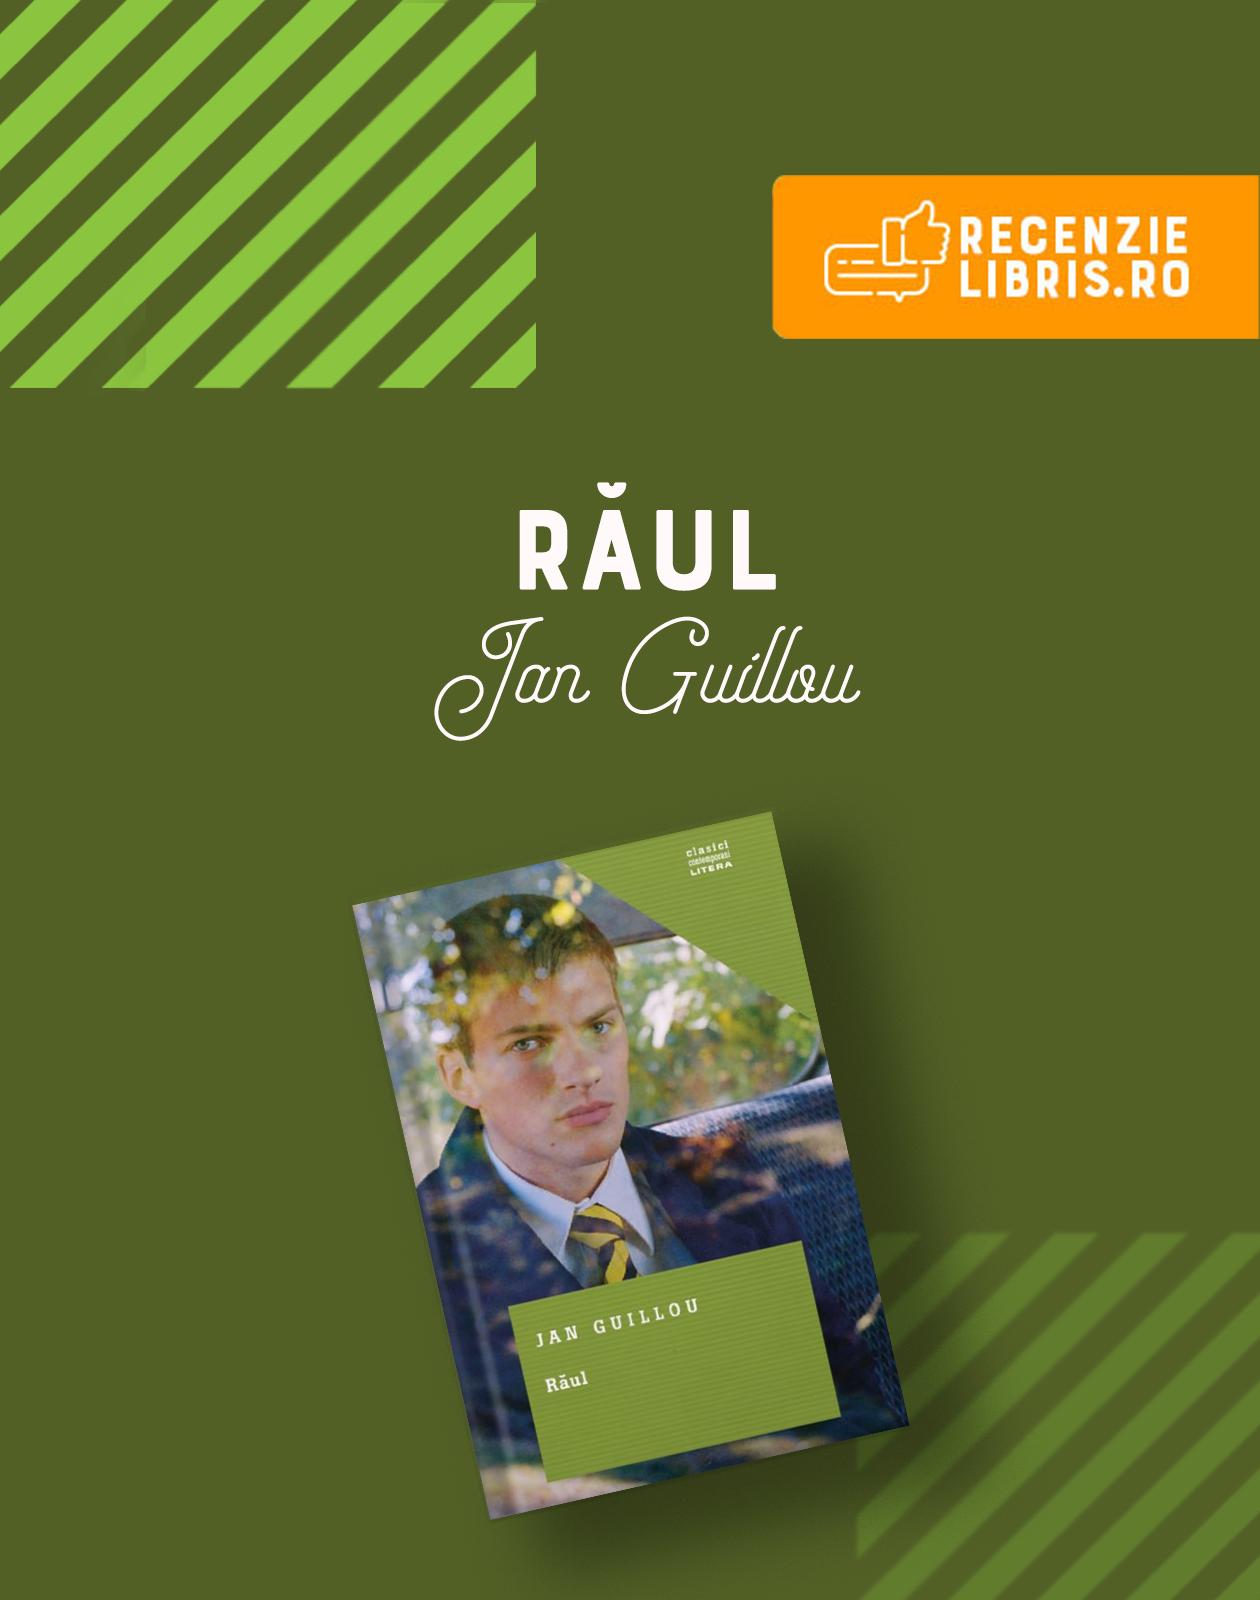 Raul - Jan Guillou